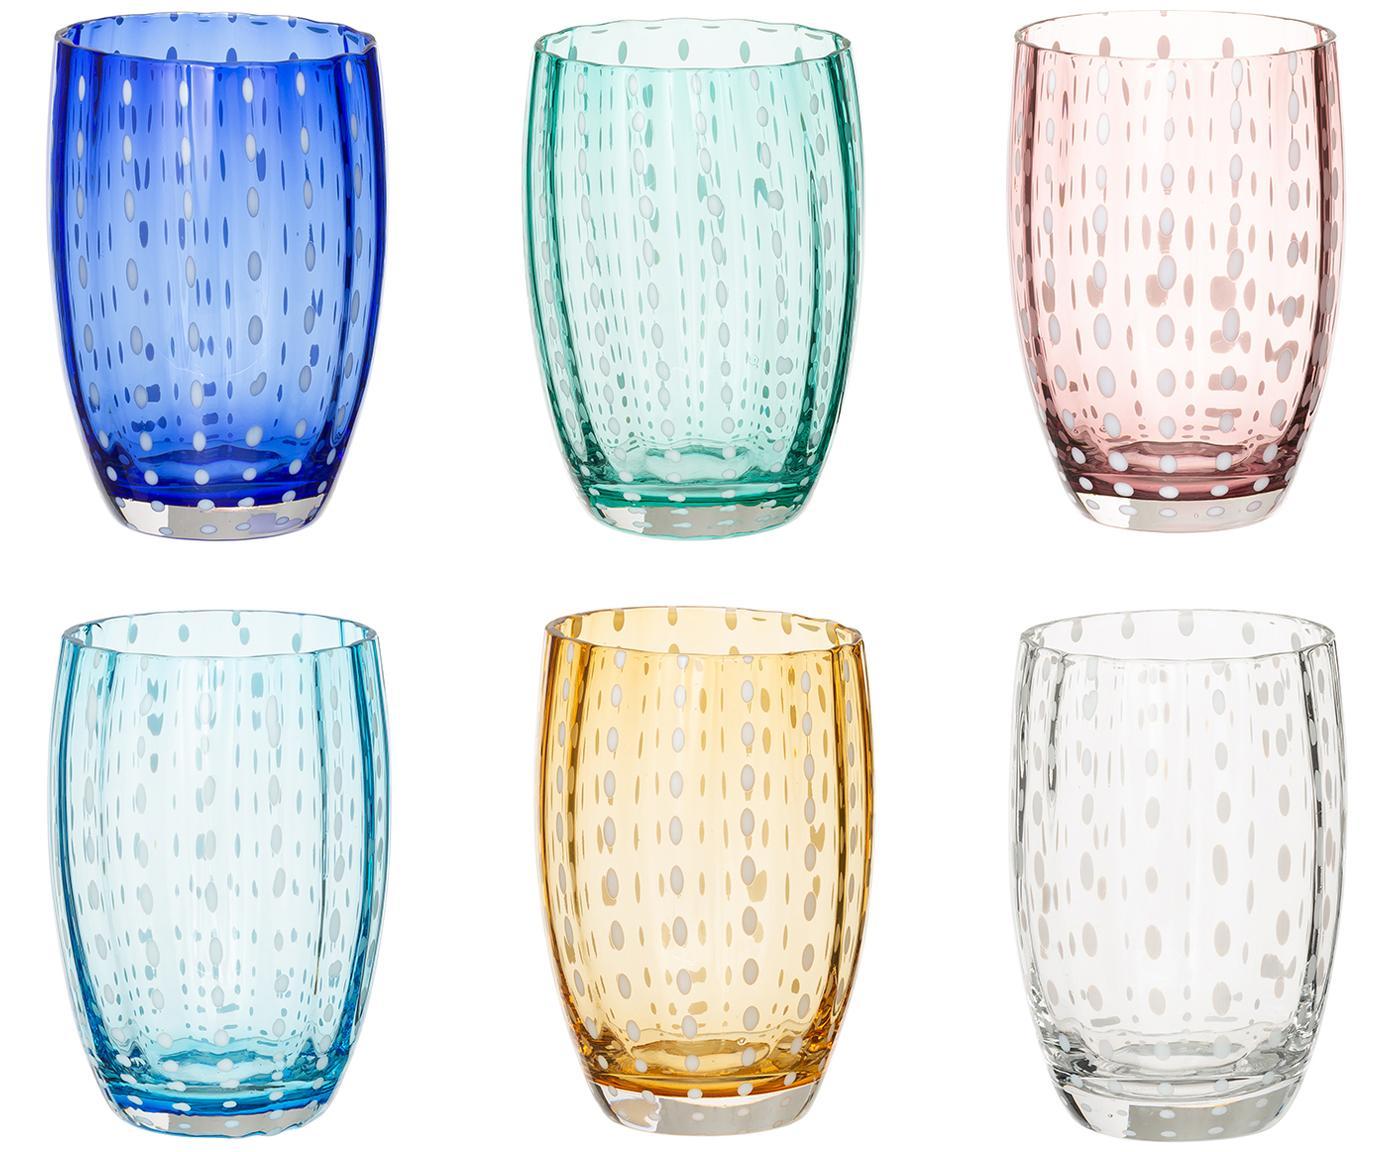 Mundgeblasenes Wassergläser Perle, 6er-Set, Glas, Transparent, Weiss, Aqua, Bernsteinfarben, Pastellviolett, Rot und Grün, Ø 7 x H 11 cm